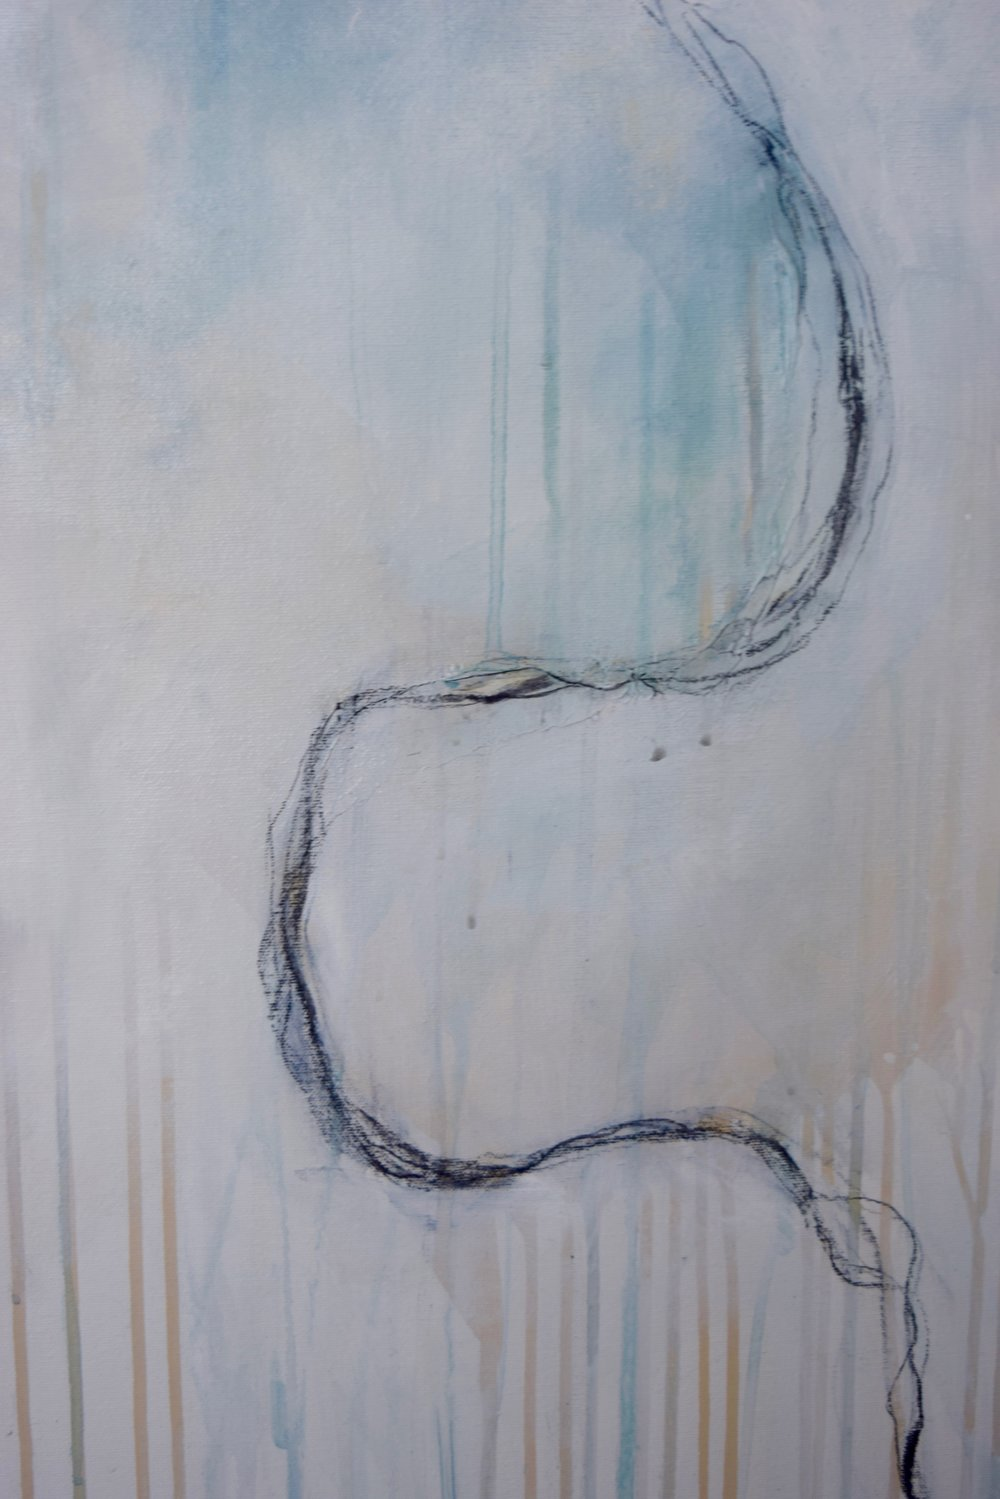 Detail-Abstract-Art-Lauren-Bolshakov.jpg